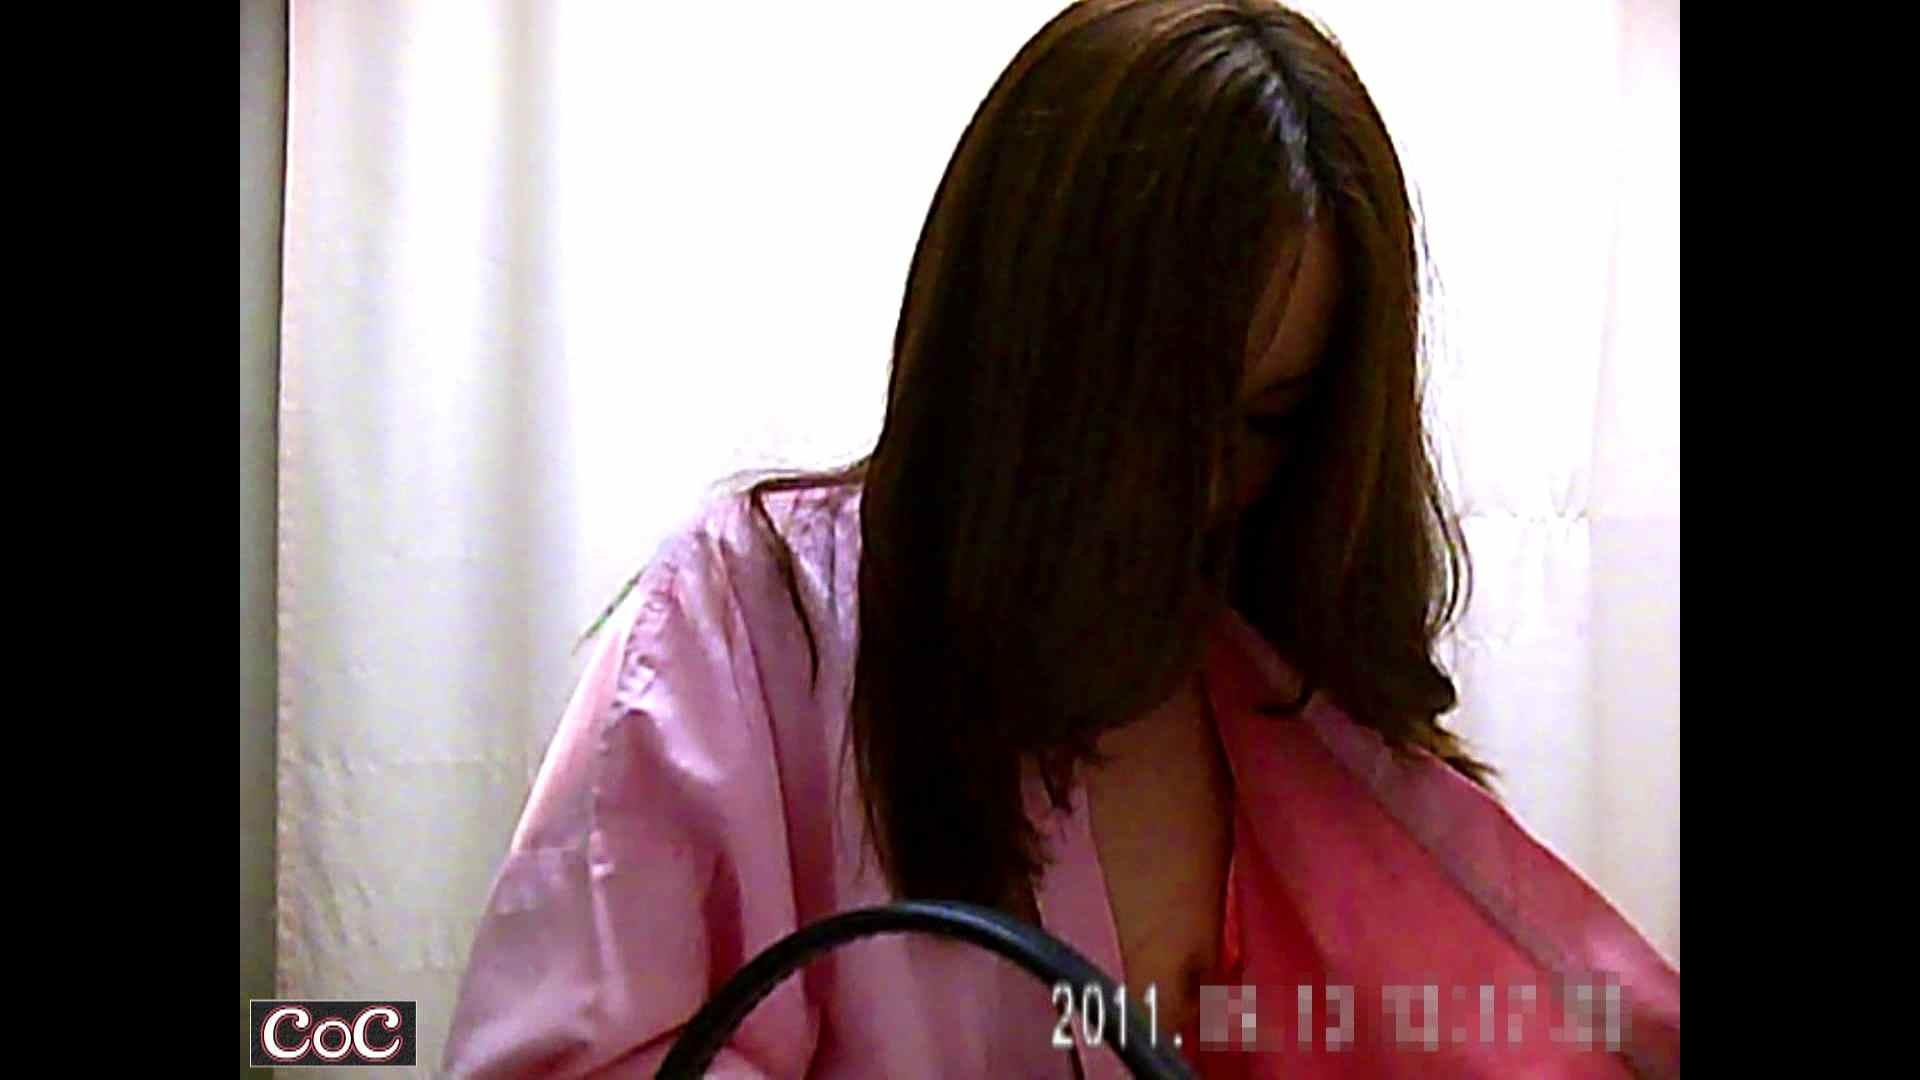 病院おもいっきり着替え! vol.24 チクビ セックス画像 84画像 69